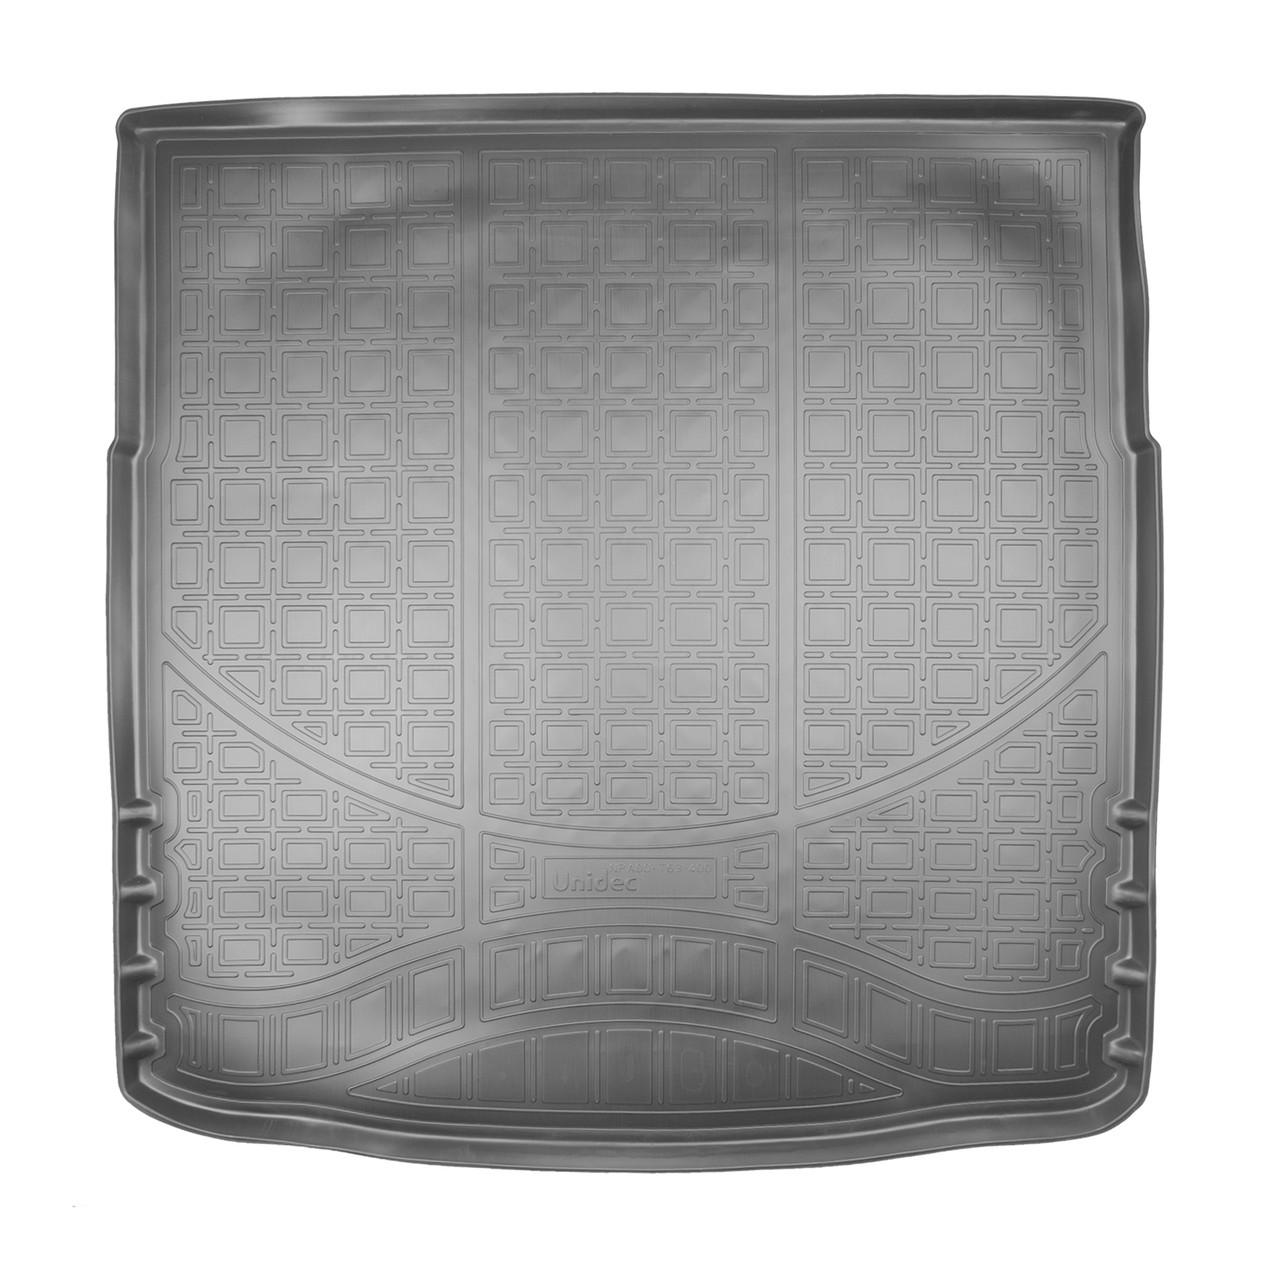 Коврик в багажник Opel Insignia SD\ HB (2009) (с полноразмерной запаской)